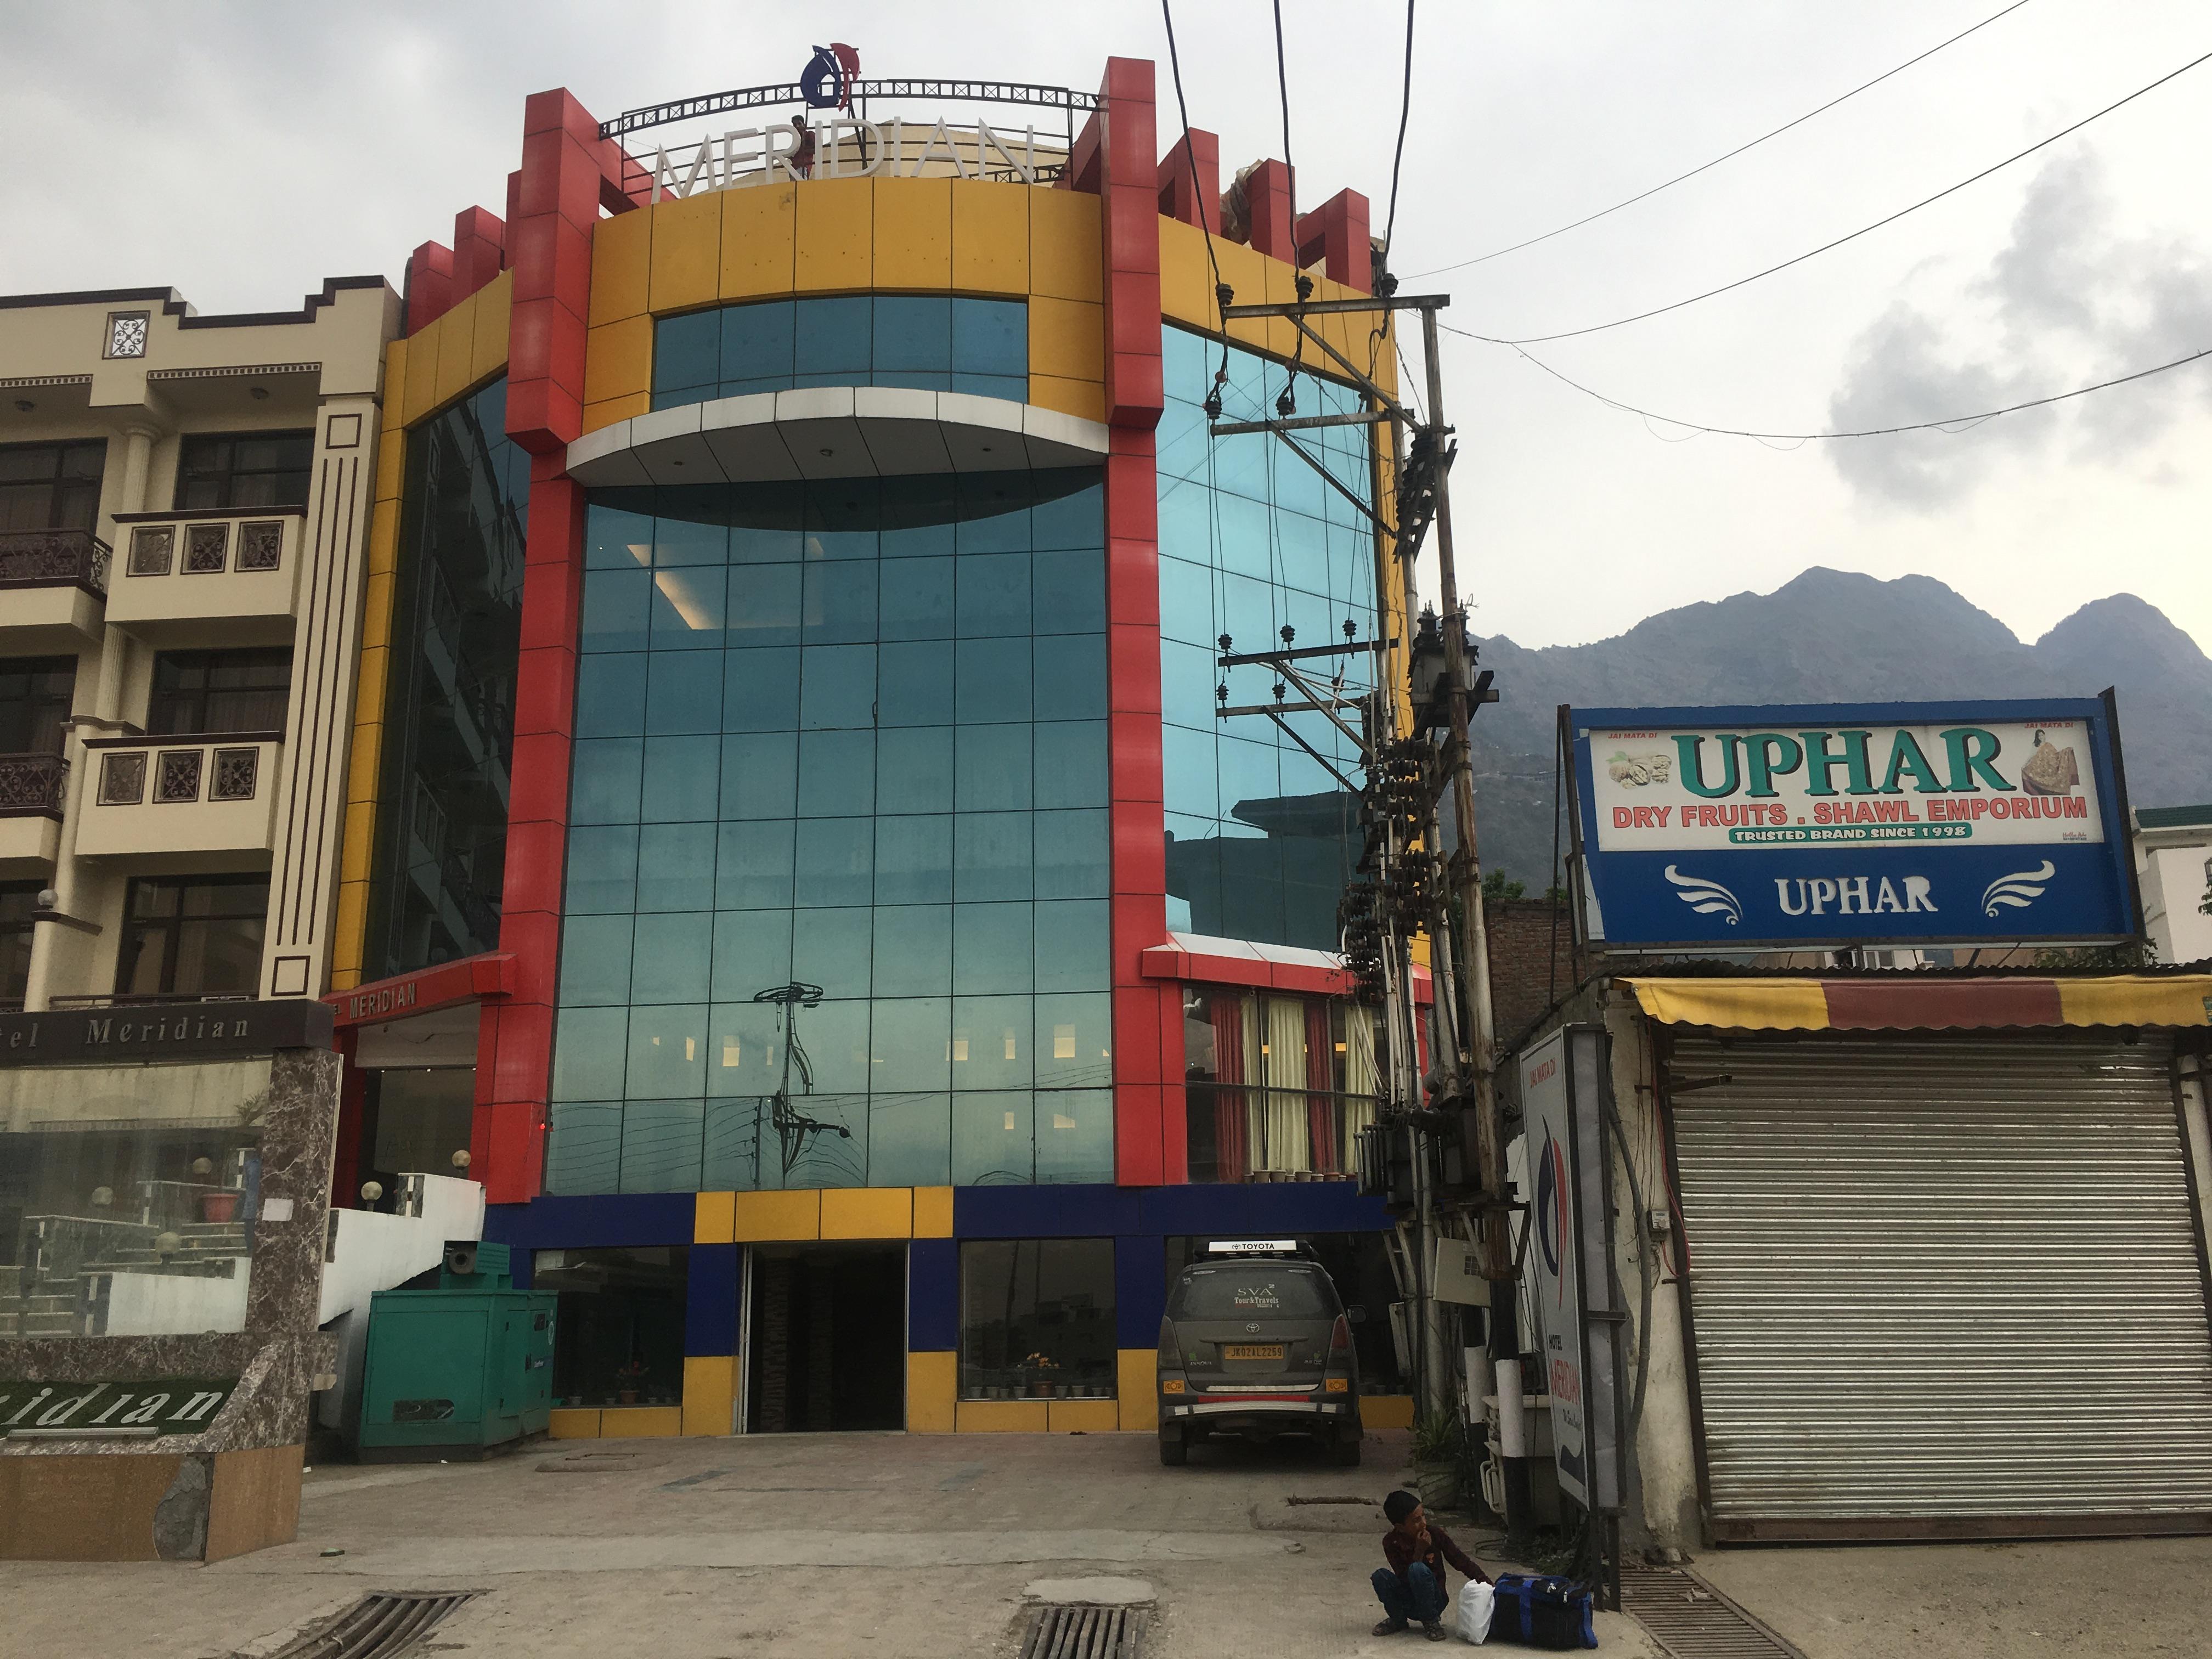 Hotel Meridian in Katra